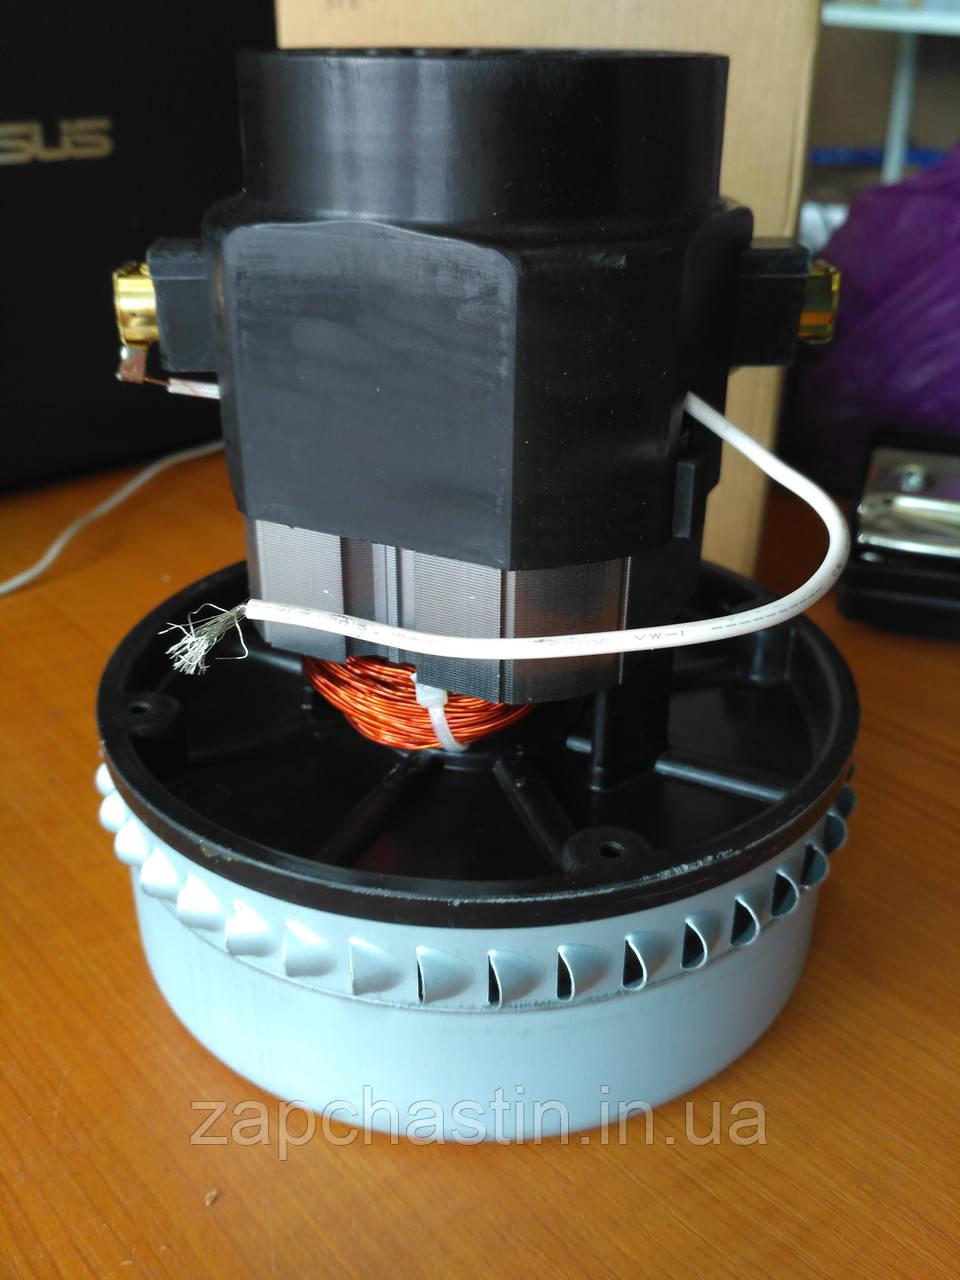 Мотор для пылесоса в интернет-магазине «Запчастин»